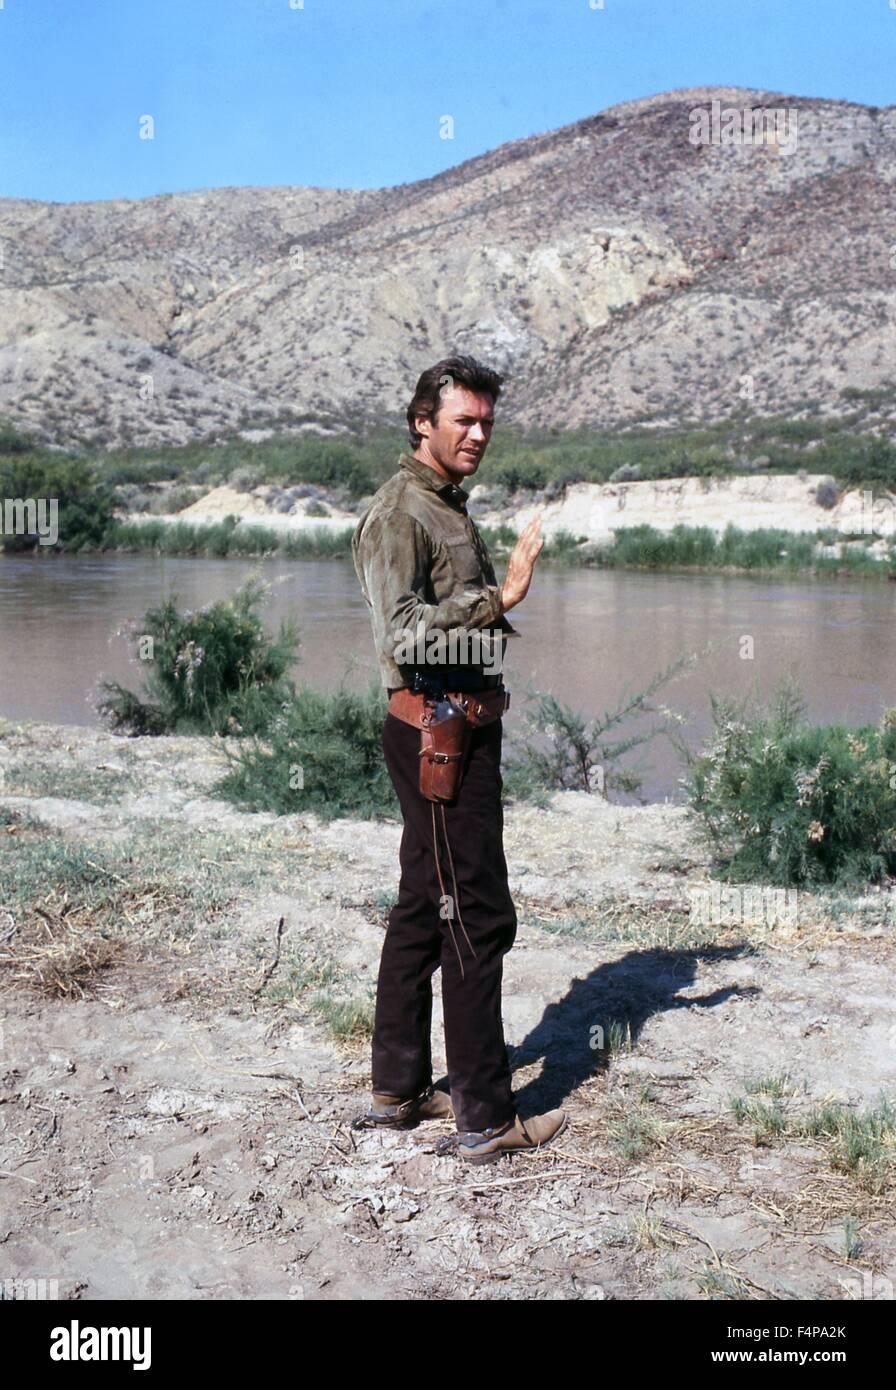 Clint Eastwood / hängt ihn hohe 1968 unter der Regie von Ted Post Stockbild